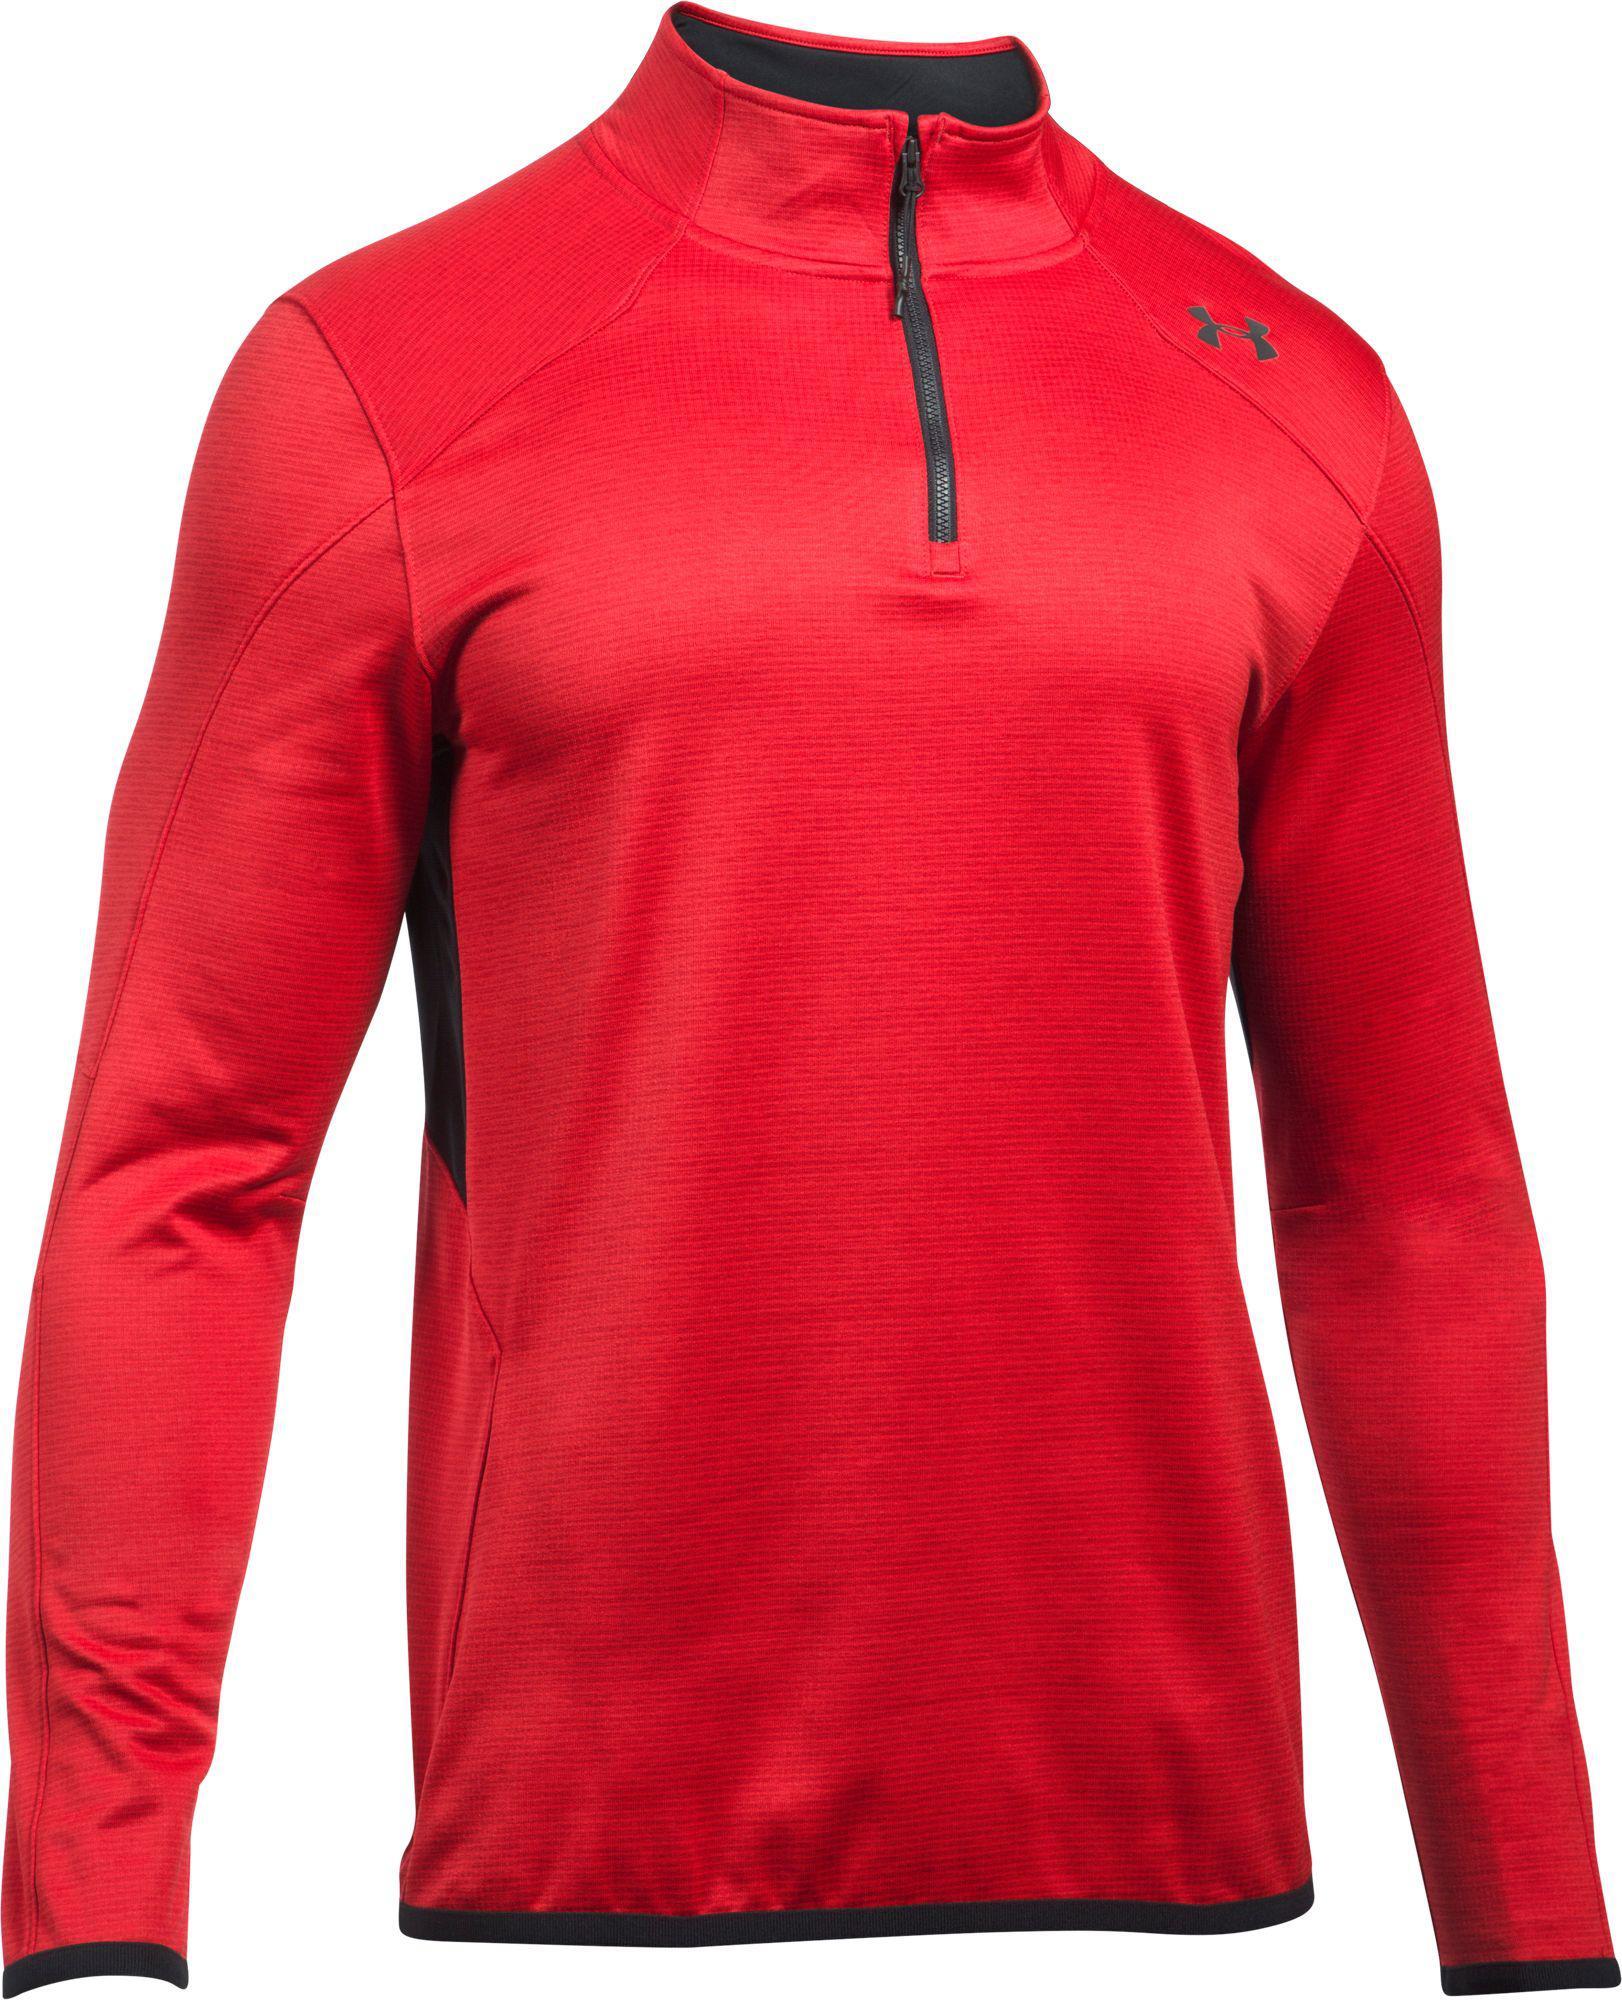 odebrać Gdzie mogę kupić tanie z rabatem Coldgear Reactor 1/4 Zip Long Sleeve T-shirt